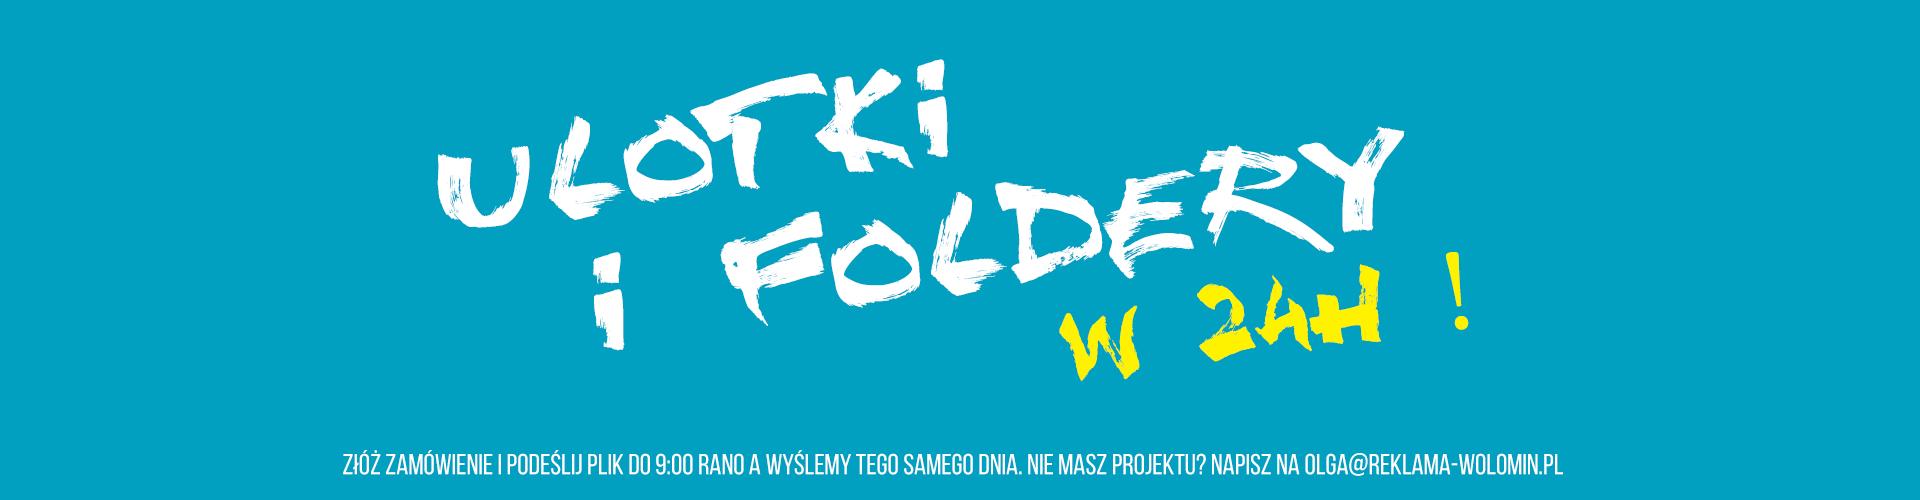 5-ulotki-foldery-24h